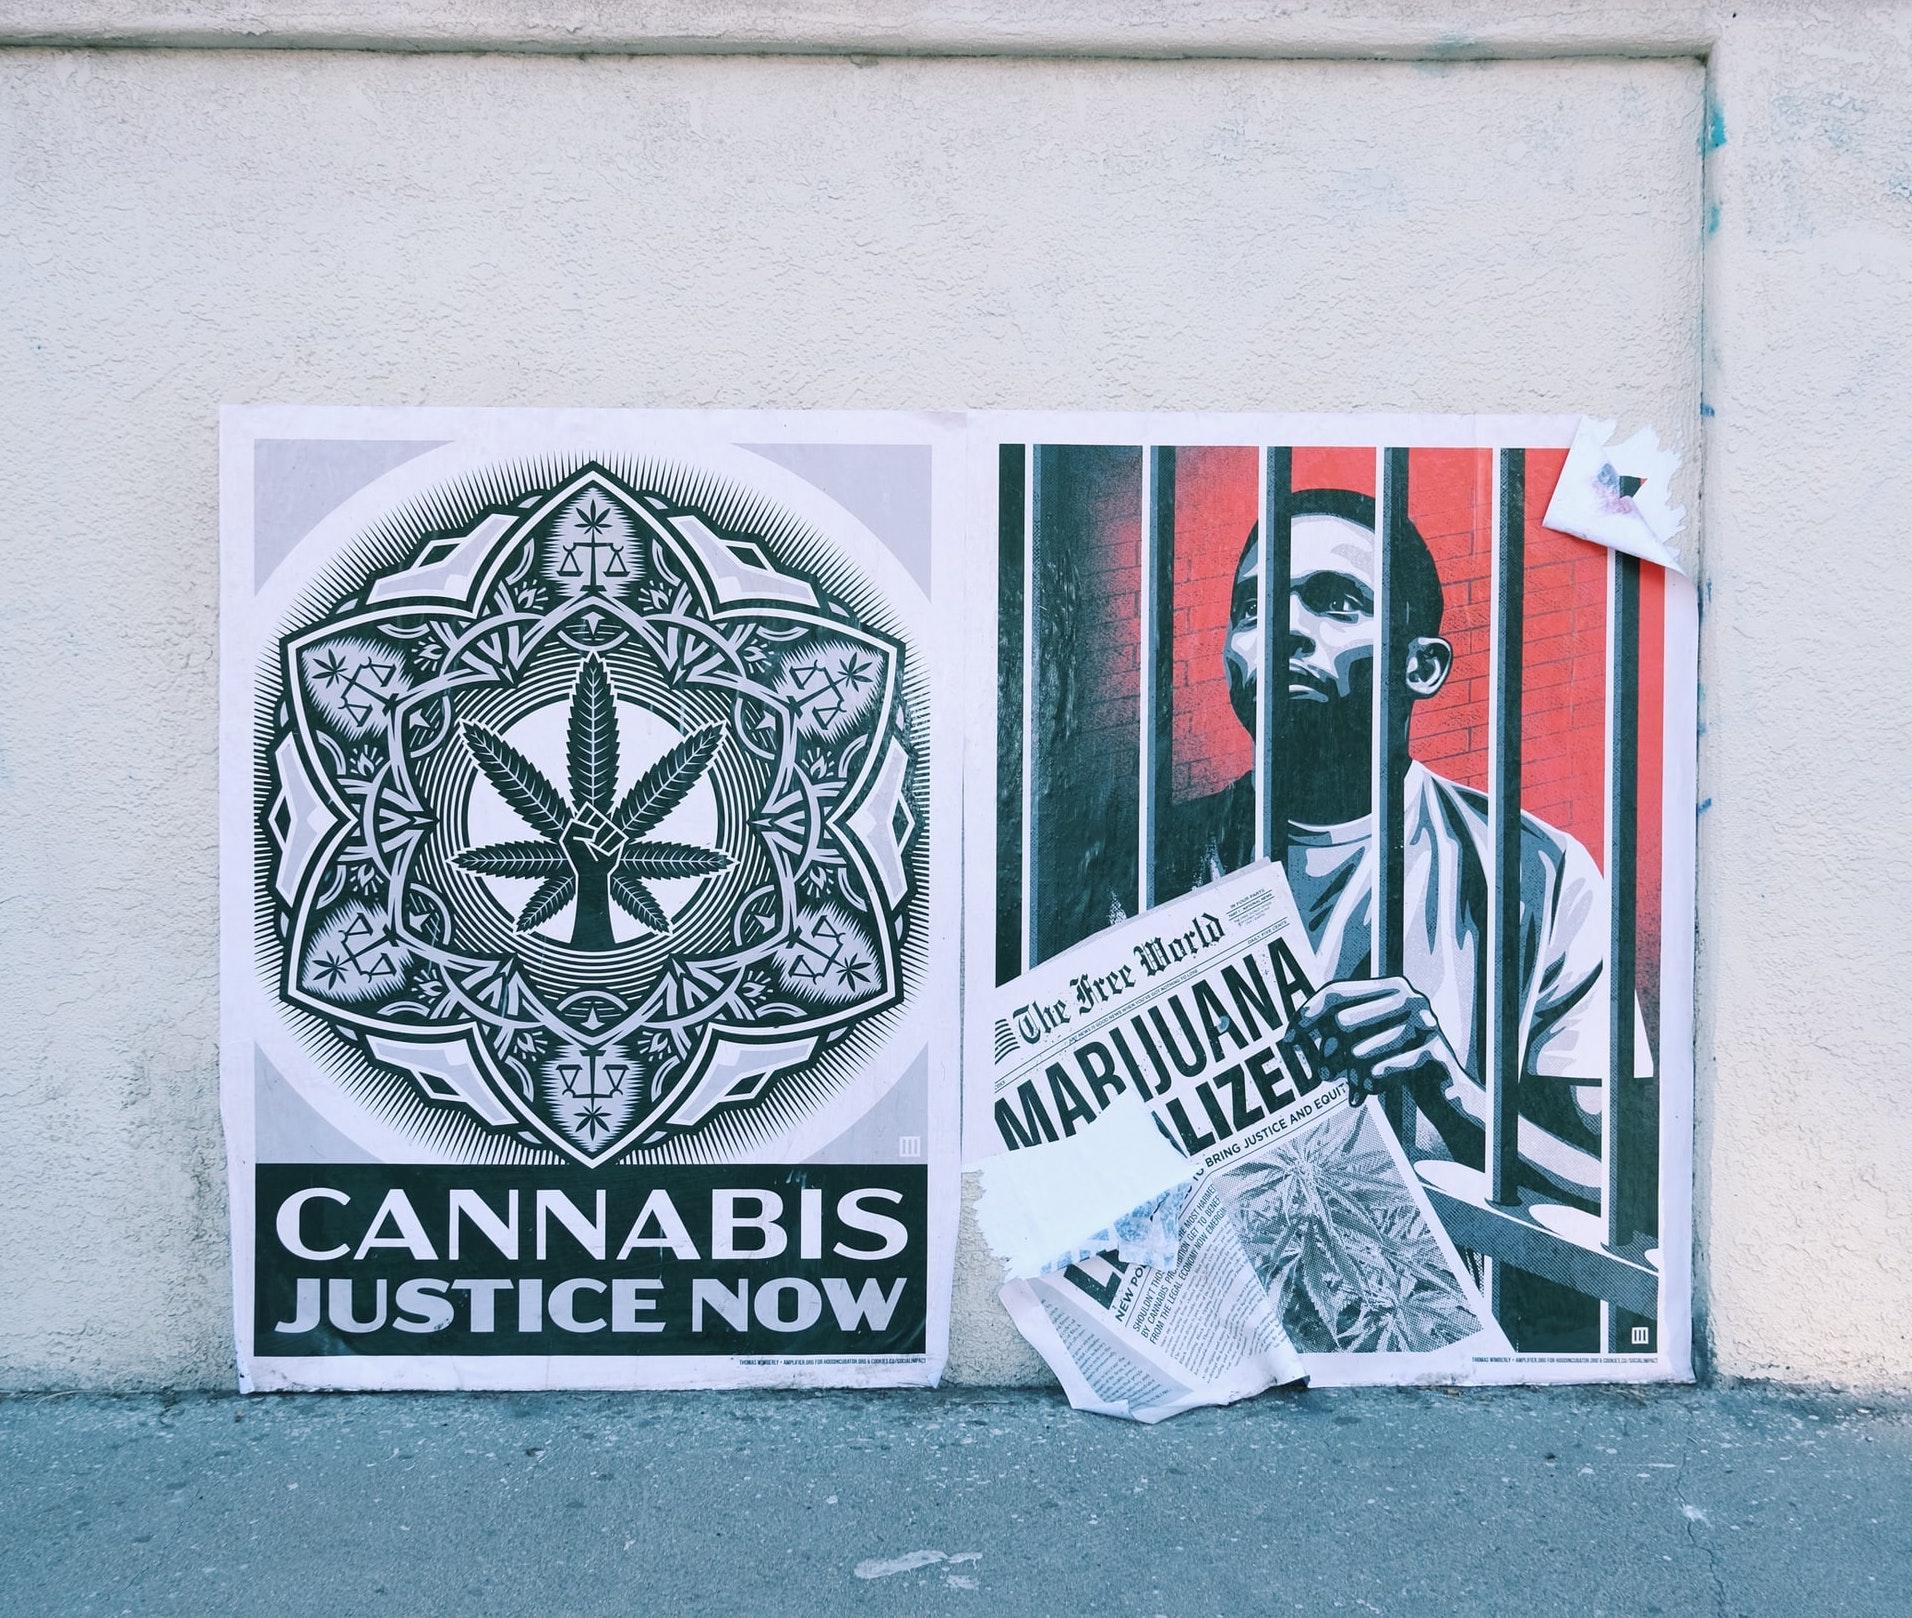 Nación Cannabis | ¿Qué pasará con la industria cannábica de EE. UU. con Biden?